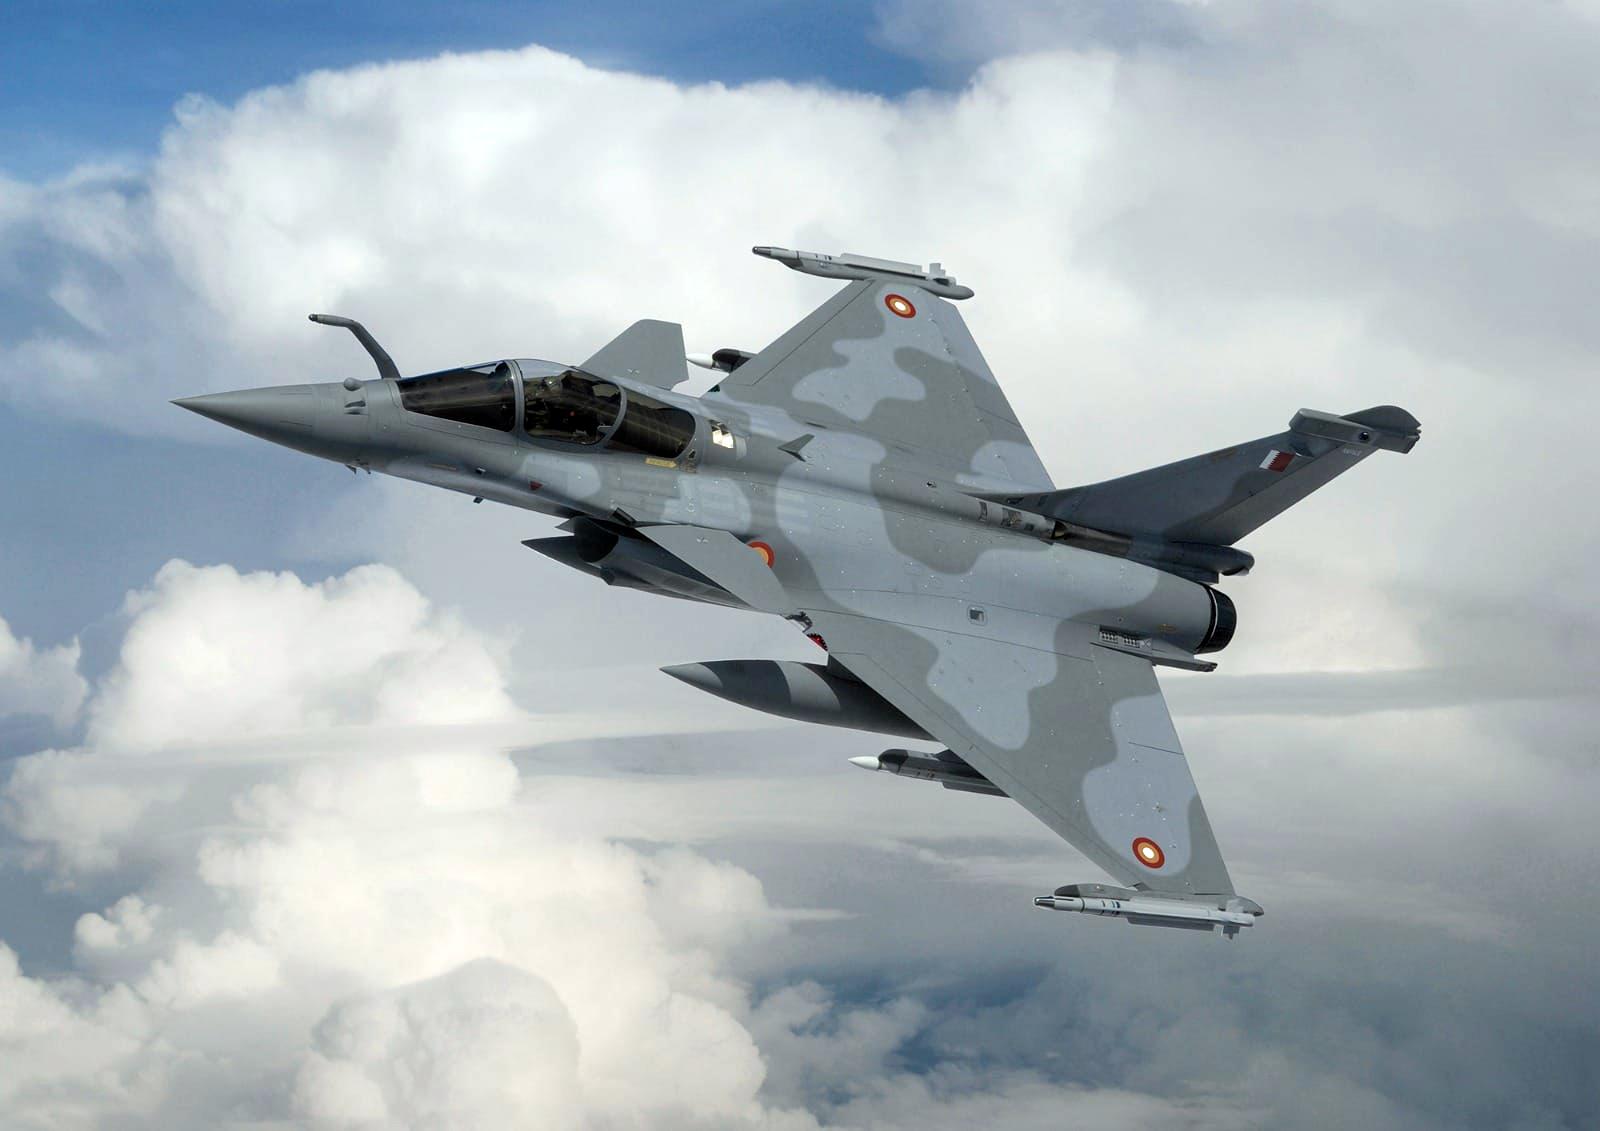 rafale-qatar-dassault-aviation.jpg